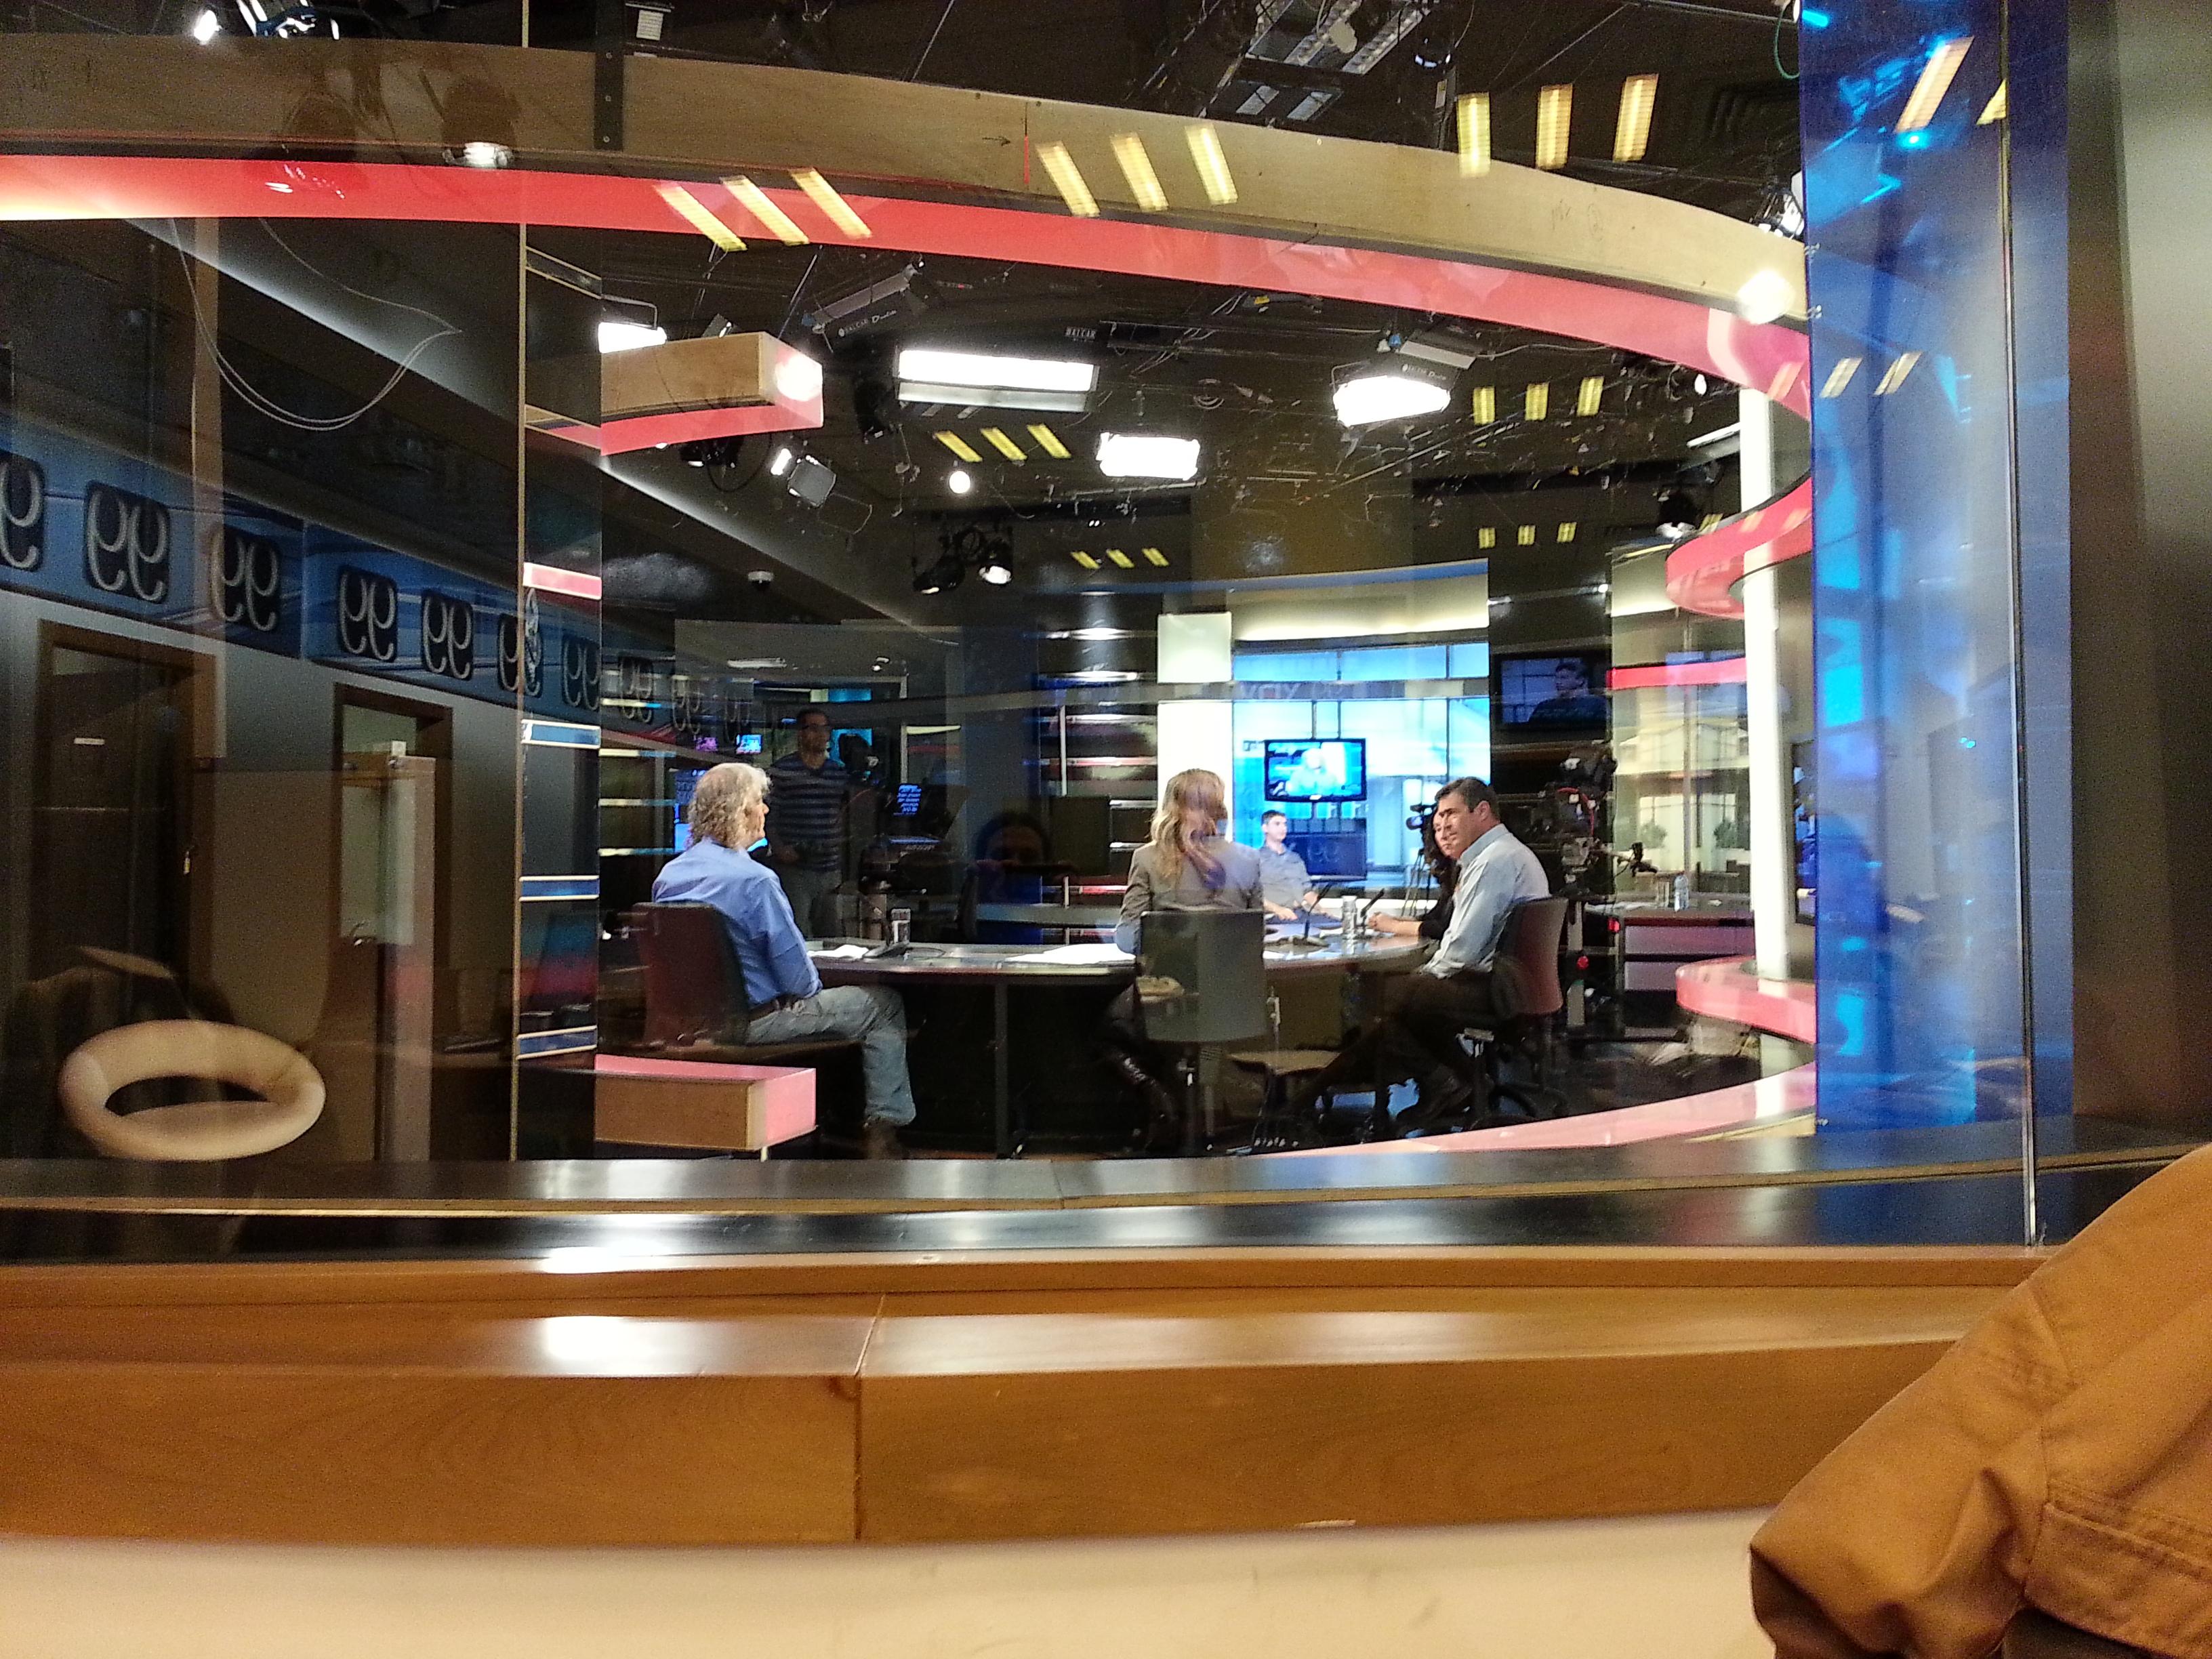 דן בירון מתראיין בערוץ הכנסת 05.12.2012